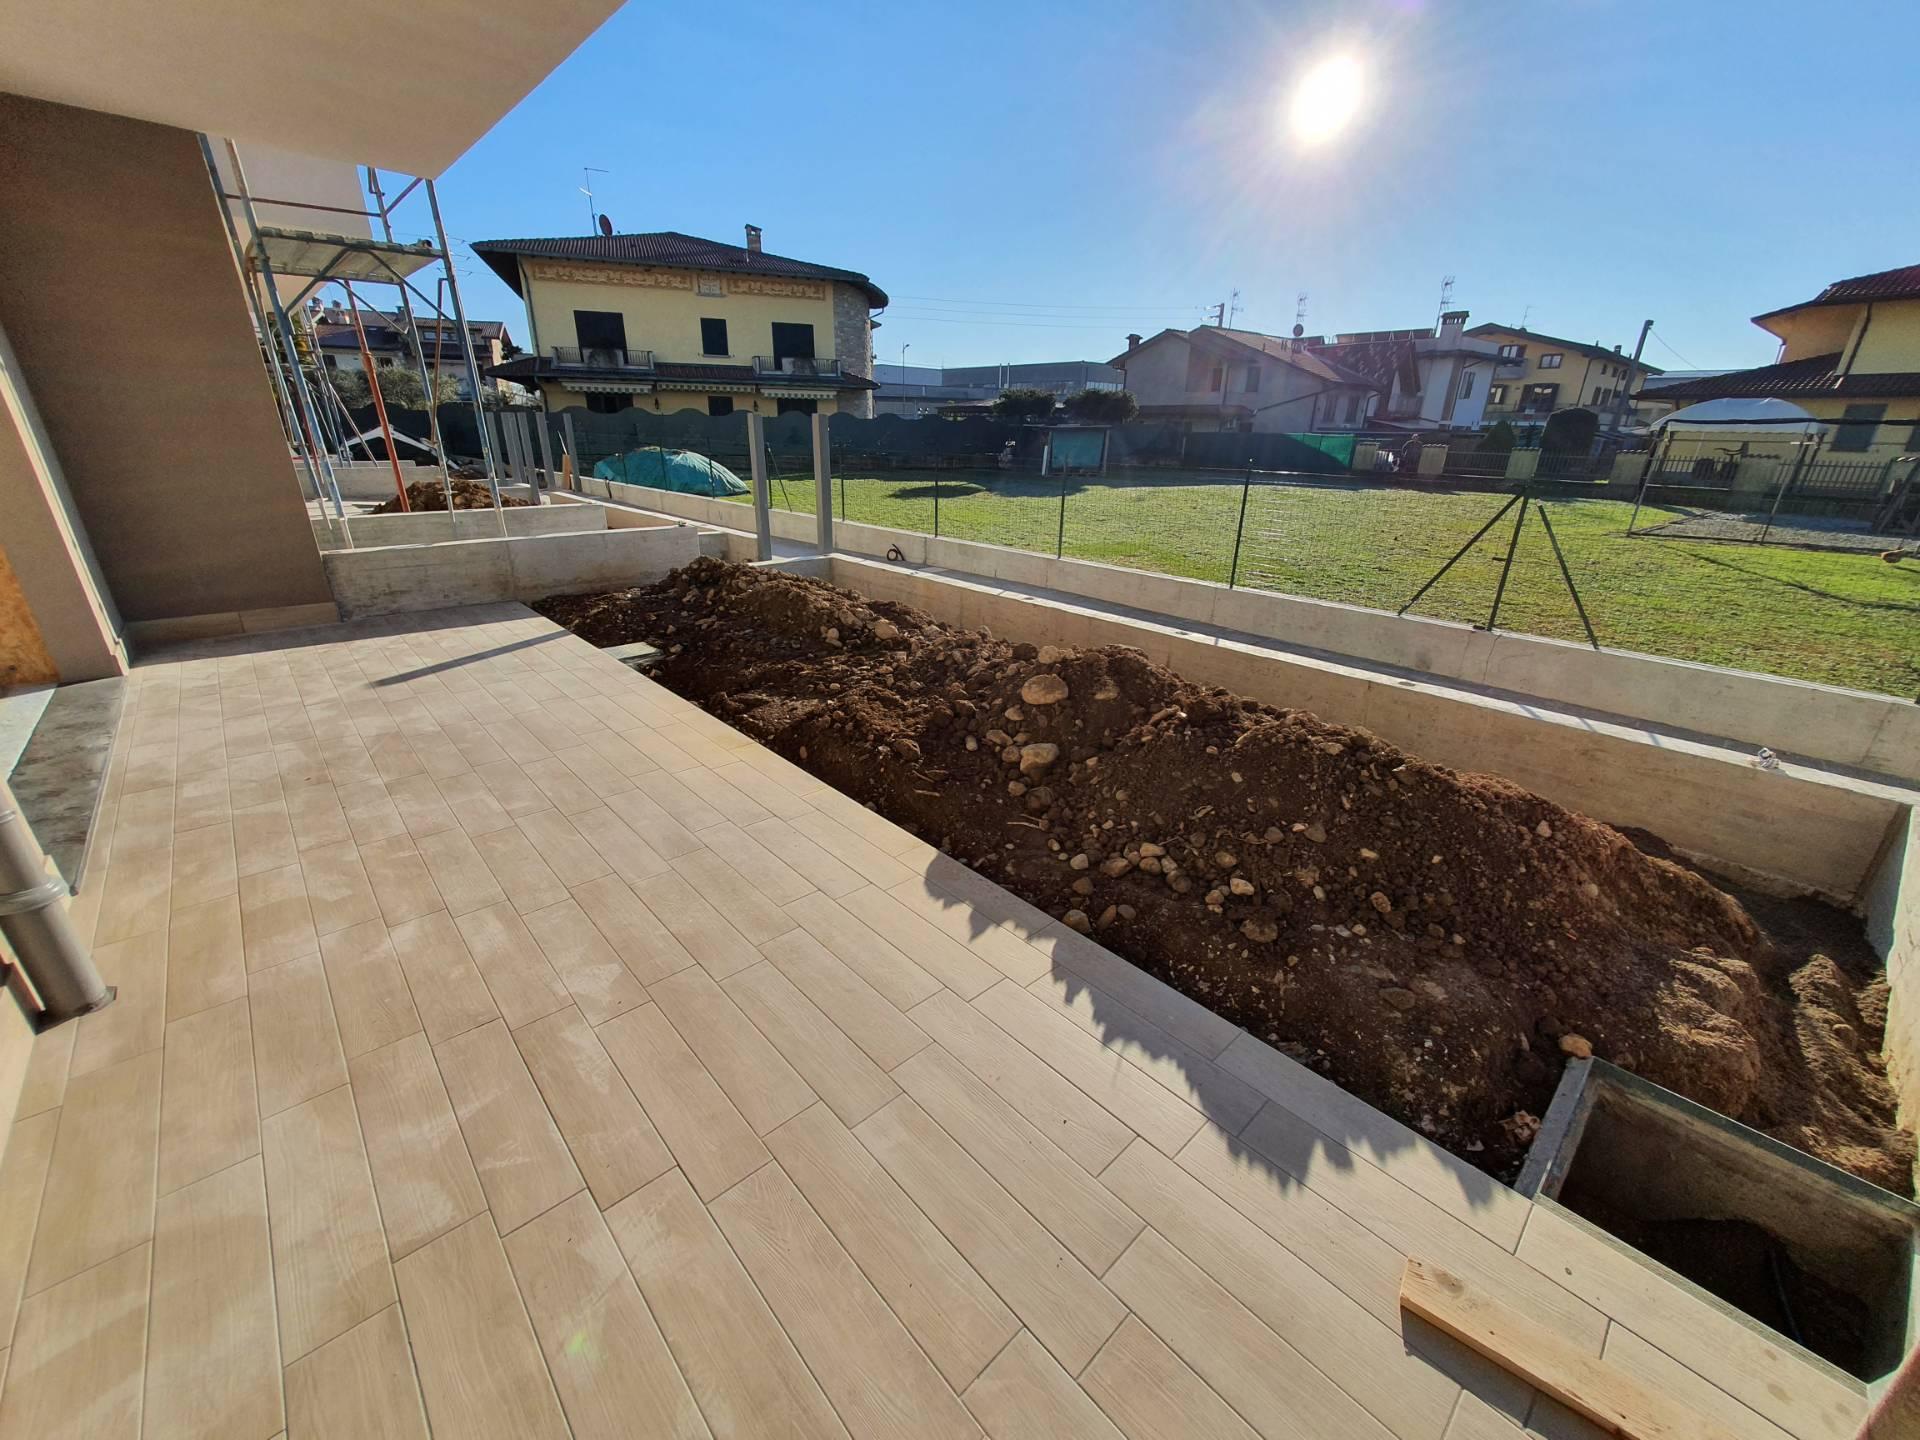 Appartamento in vendita a Grassobbio, 3 locali, prezzo € 215.000 | PortaleAgenzieImmobiliari.it